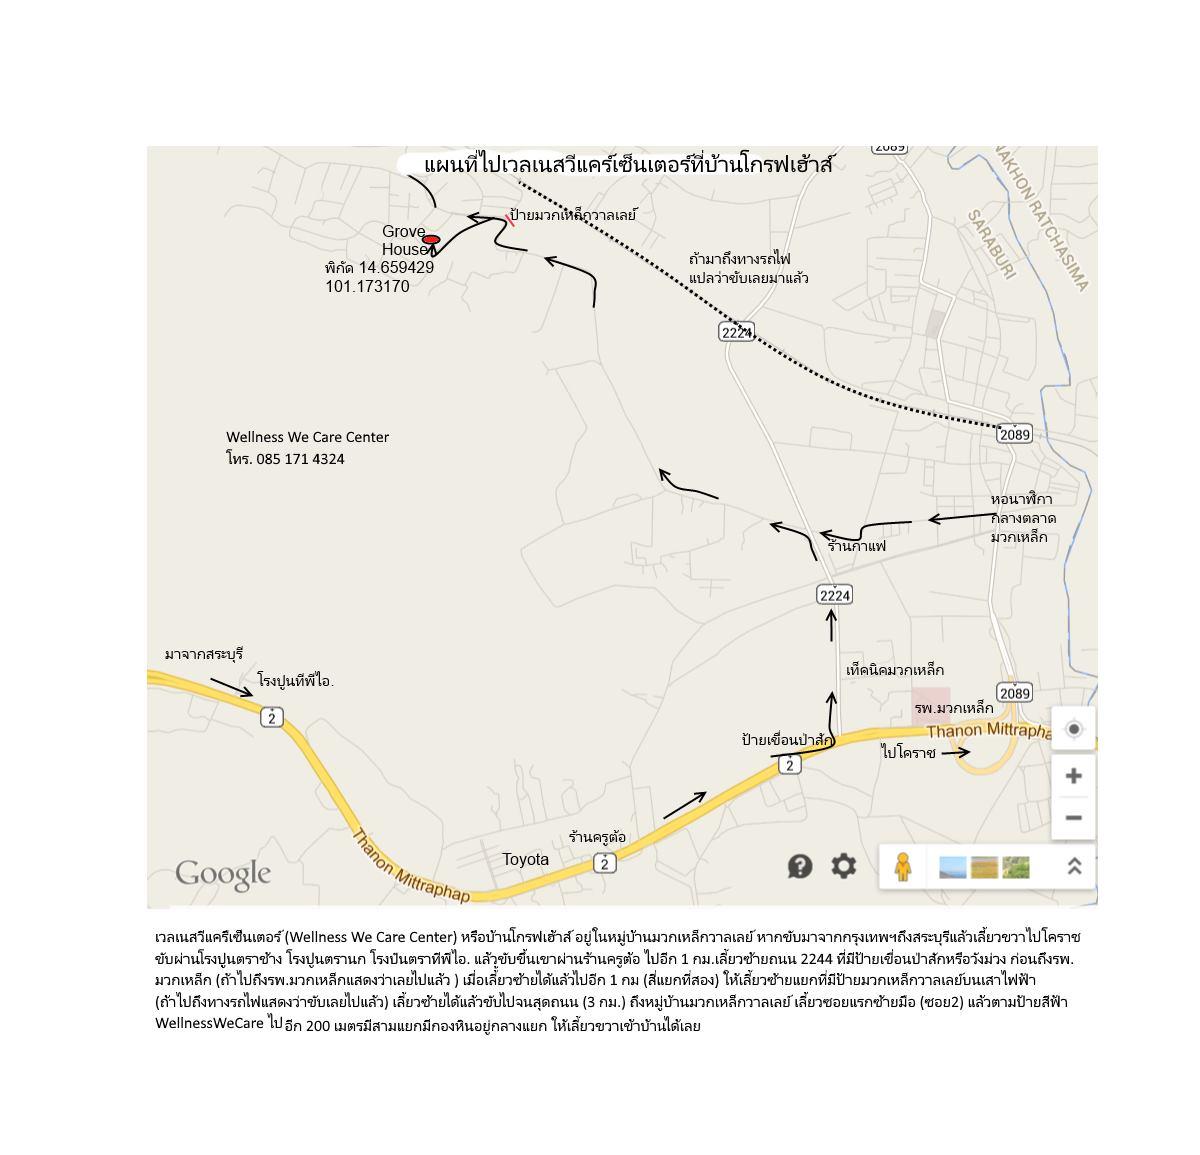 แผนที่เดินทางไปเวลเนสวีแคร์เซ็นเตอร์